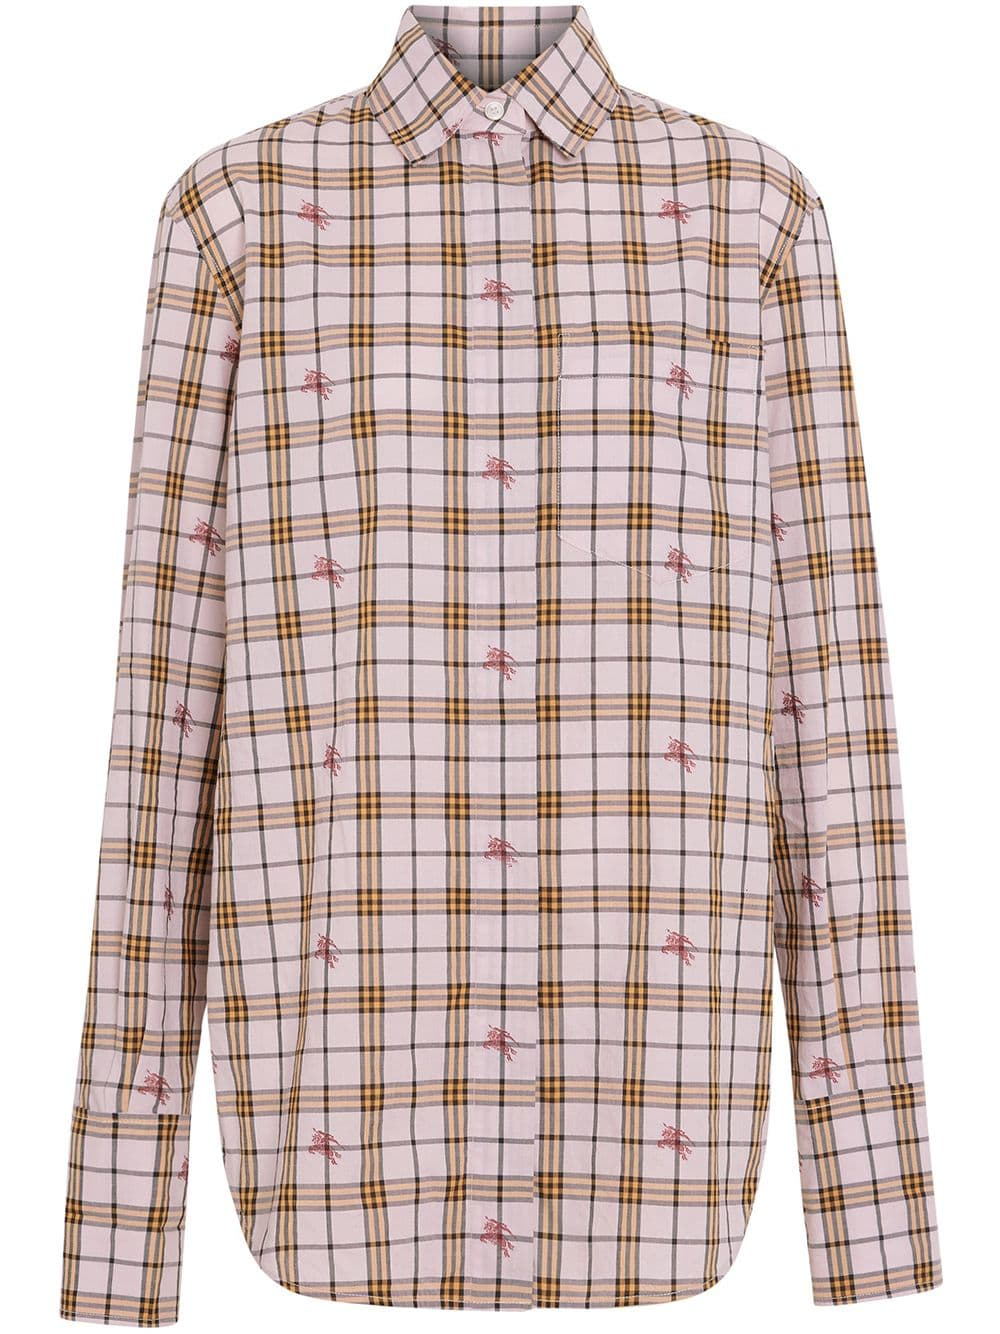 6a089c3a2c14 Burberry Fil Coupé Check Cotton Shirt - Pink - Glami.gr